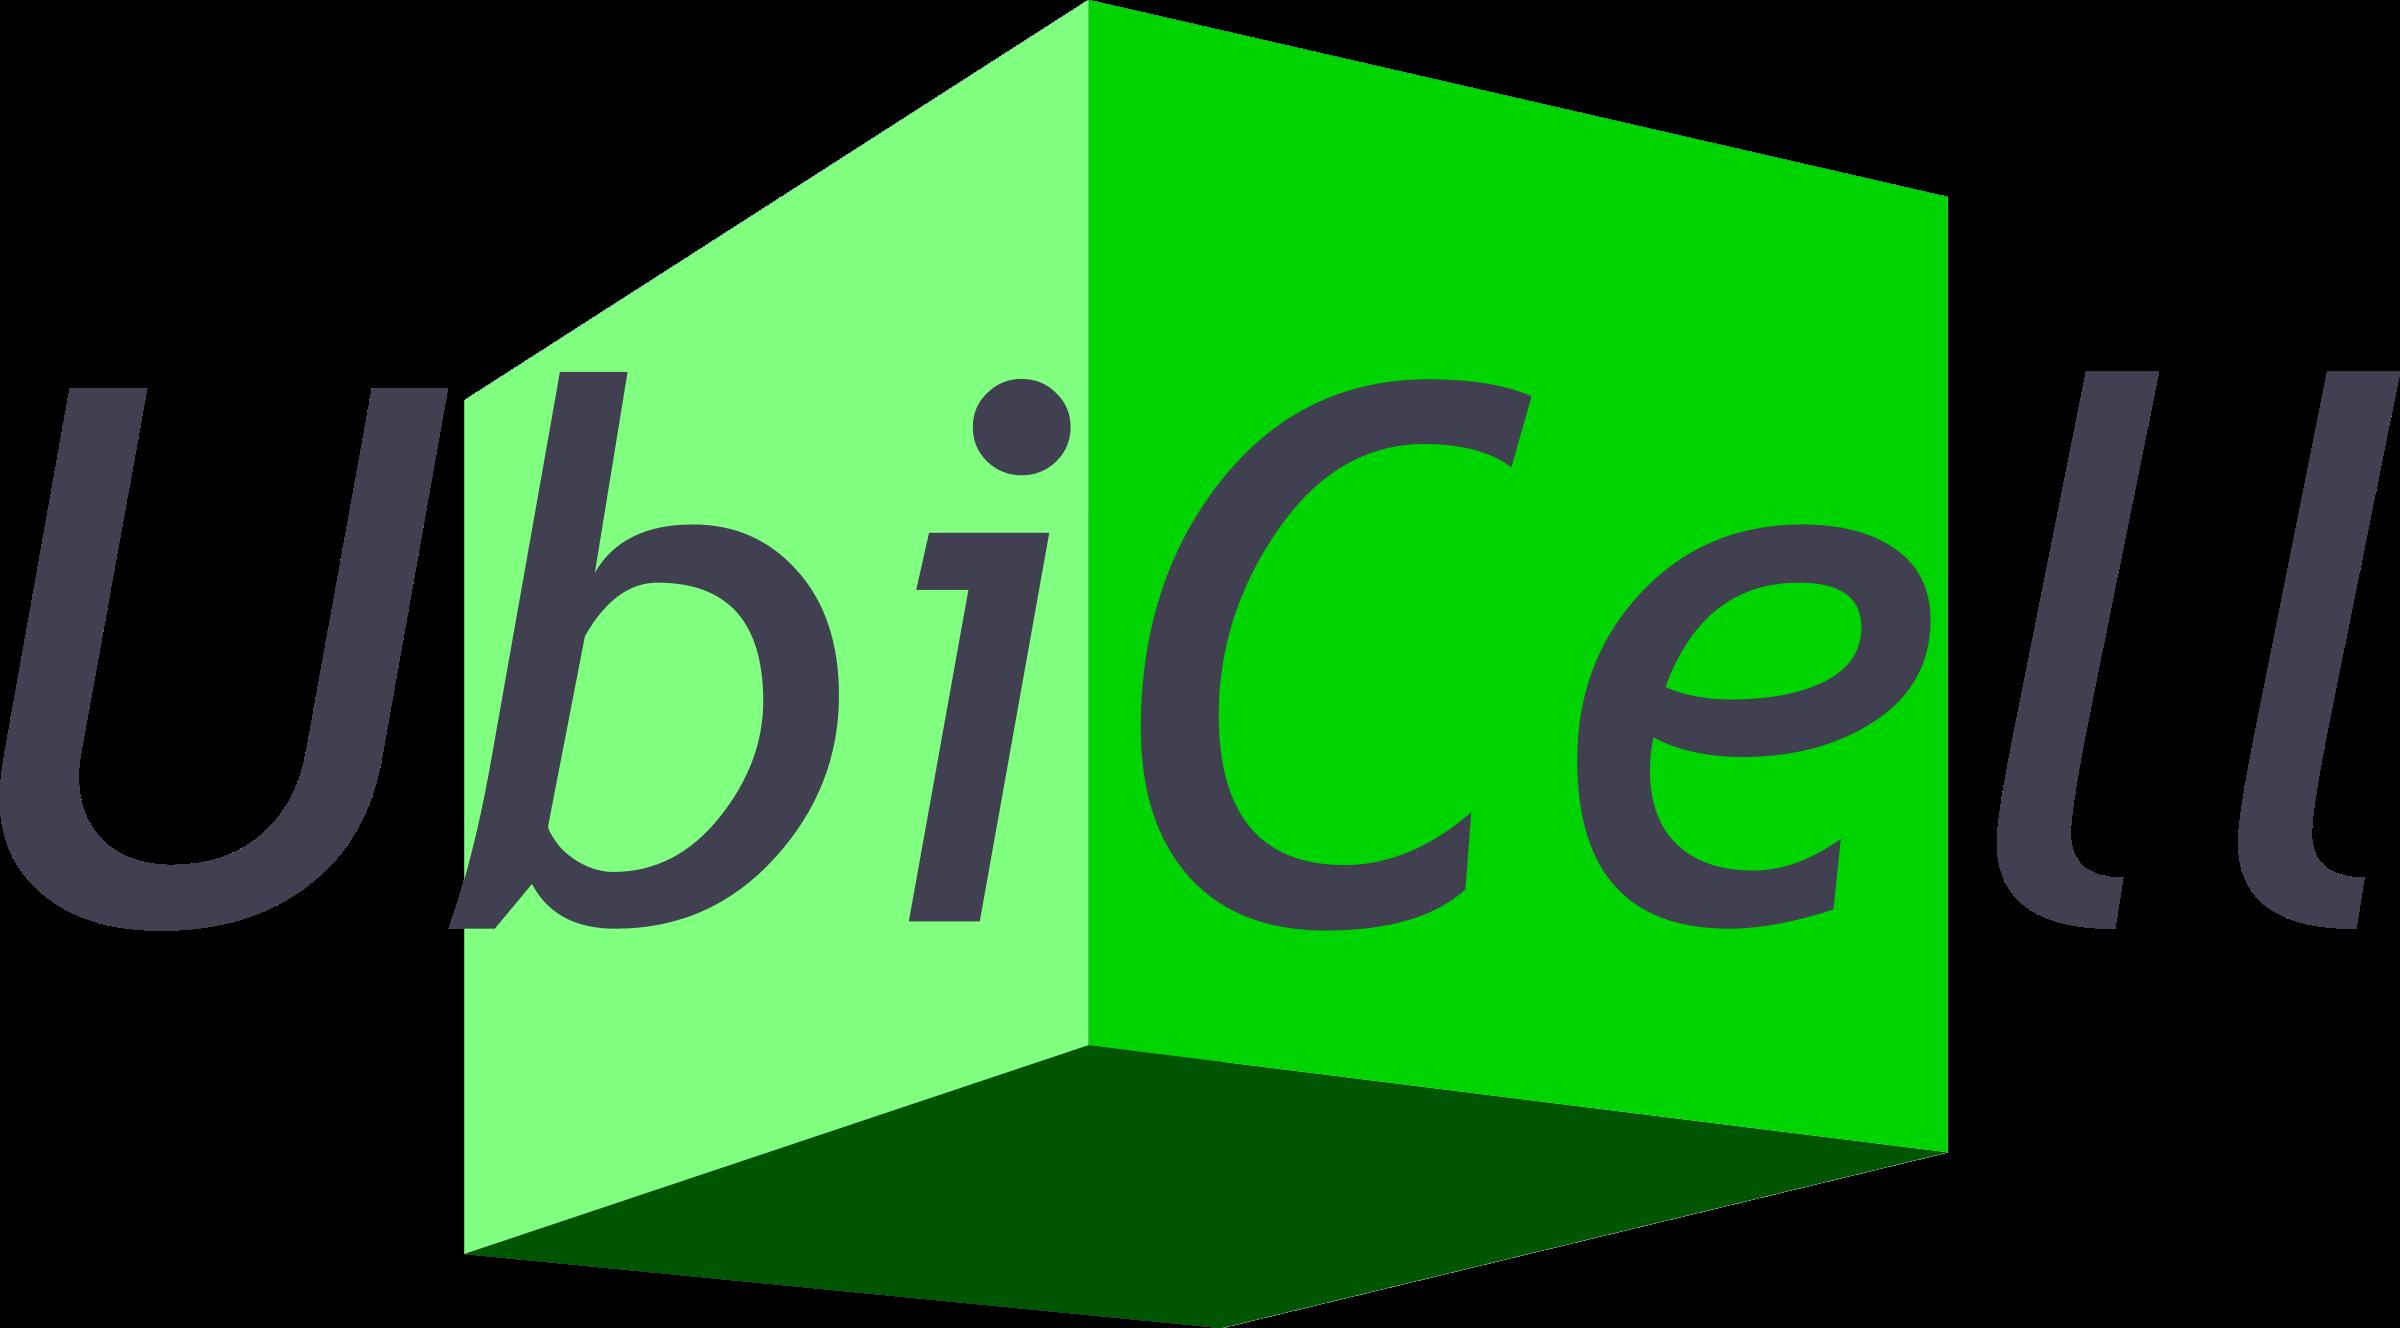 logo_ubicell_v2